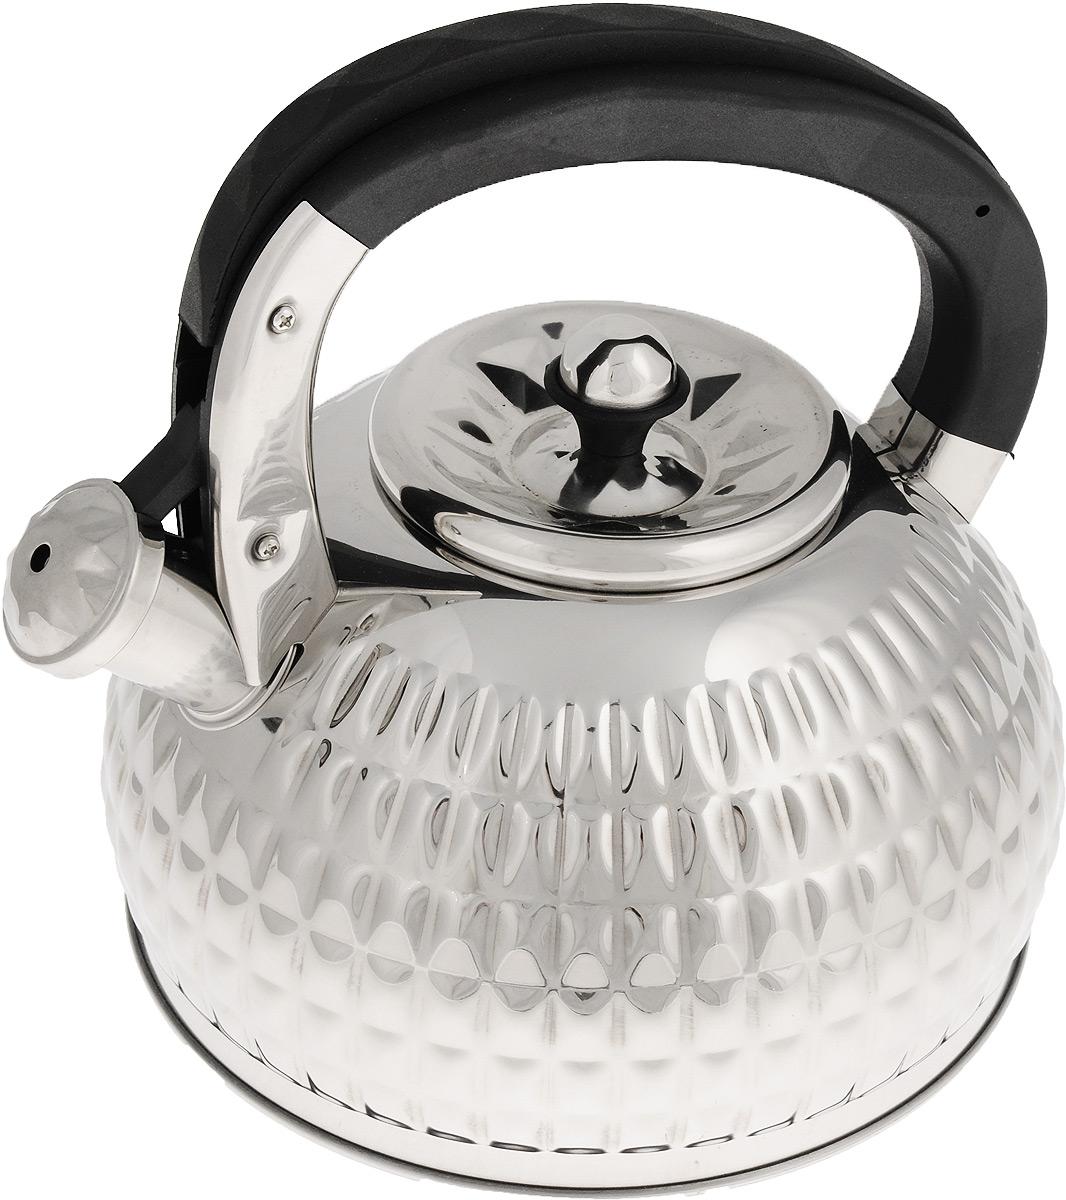 Чайник Mayer & Boch, со свистком, цвет: стальной, черный, 3 л. 2496524965Чайник Mayer & Boch выполнен из высококачественной нержавеющей стали, что обеспечивает долговечность использования. Яркий дизайн и рельеф придают изделию приятный внешний вид. Фиксированная ручка, выполненная из пластика, делает использование чайника очень удобным и безопасным. Чайник снабжен свистком и устройством для открывания носика, которое находится на ручке. Эстетичный и функциональный, с эксклюзивным дизайном, чайник будет оригинально смотреться в любом интерьере. Можно мыть в посудомоечной машине. Пригоден для всех типов плит, включая индукционные. Высота чайника (без учета крышки и ручки): 12,5 см. Высота чайника (с учетом ручки): 23 см. Диаметр по верхнему краю: 10 см.